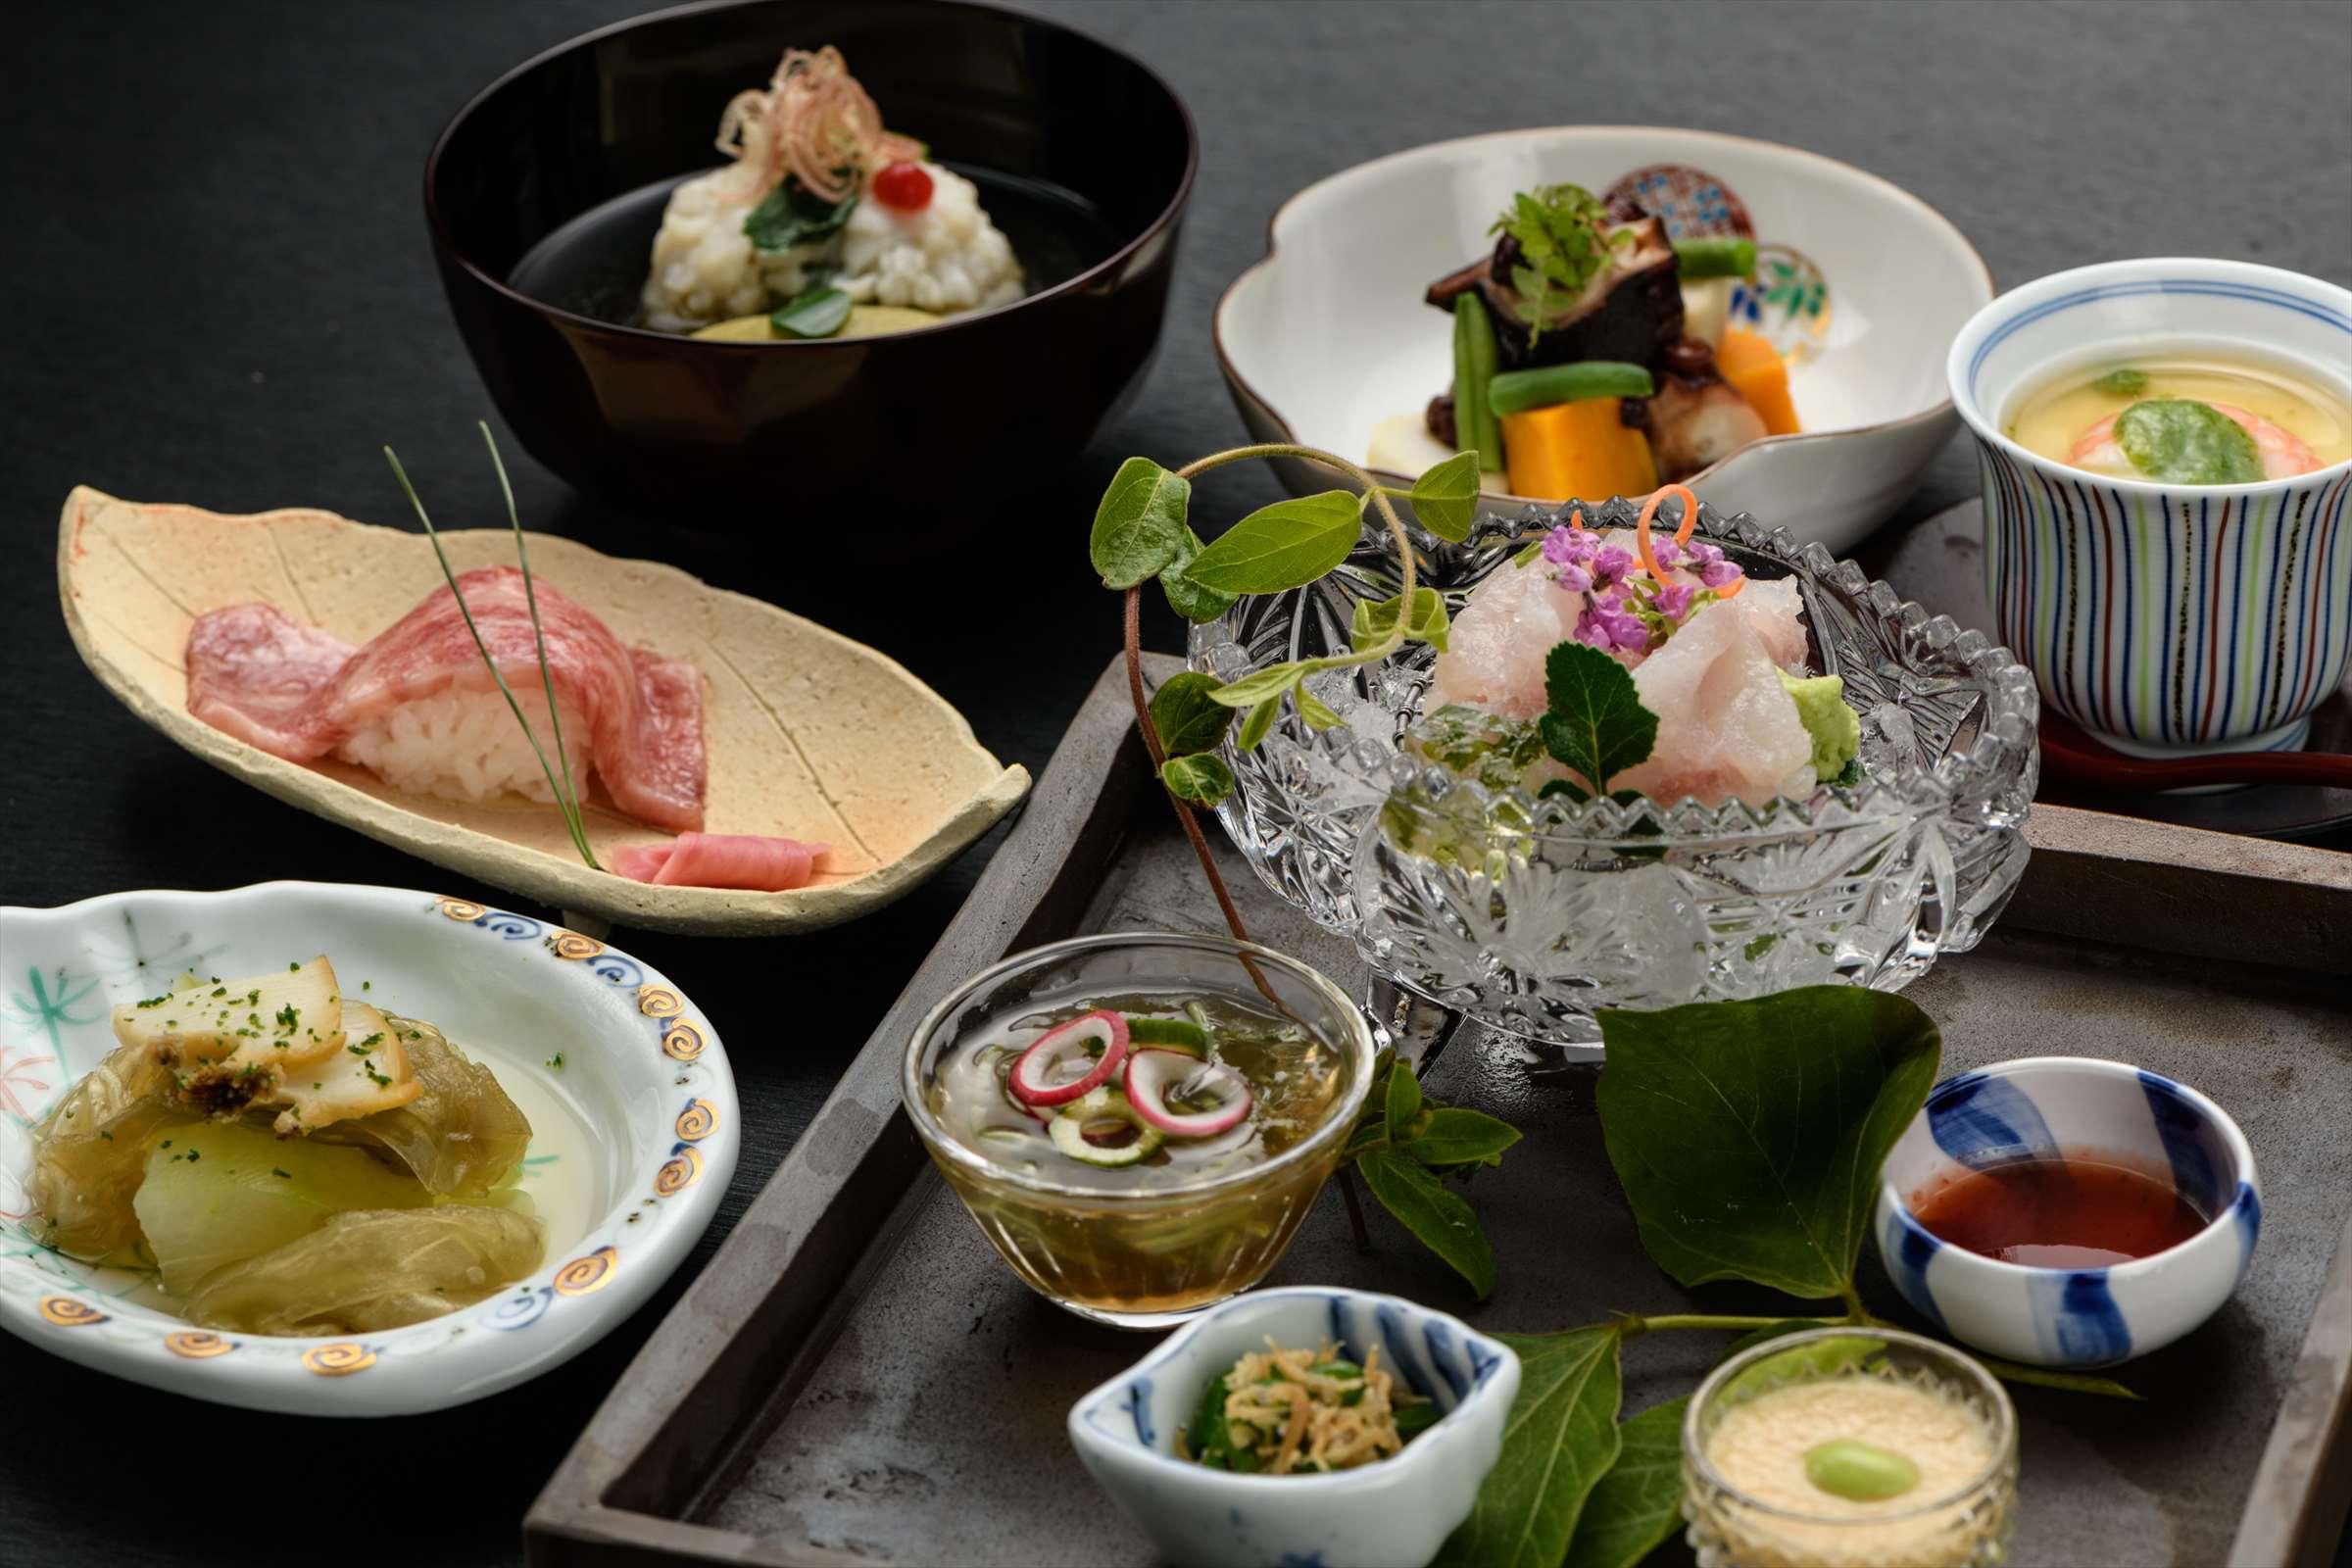 『能登の里山里海』がテーマの日本海の味覚